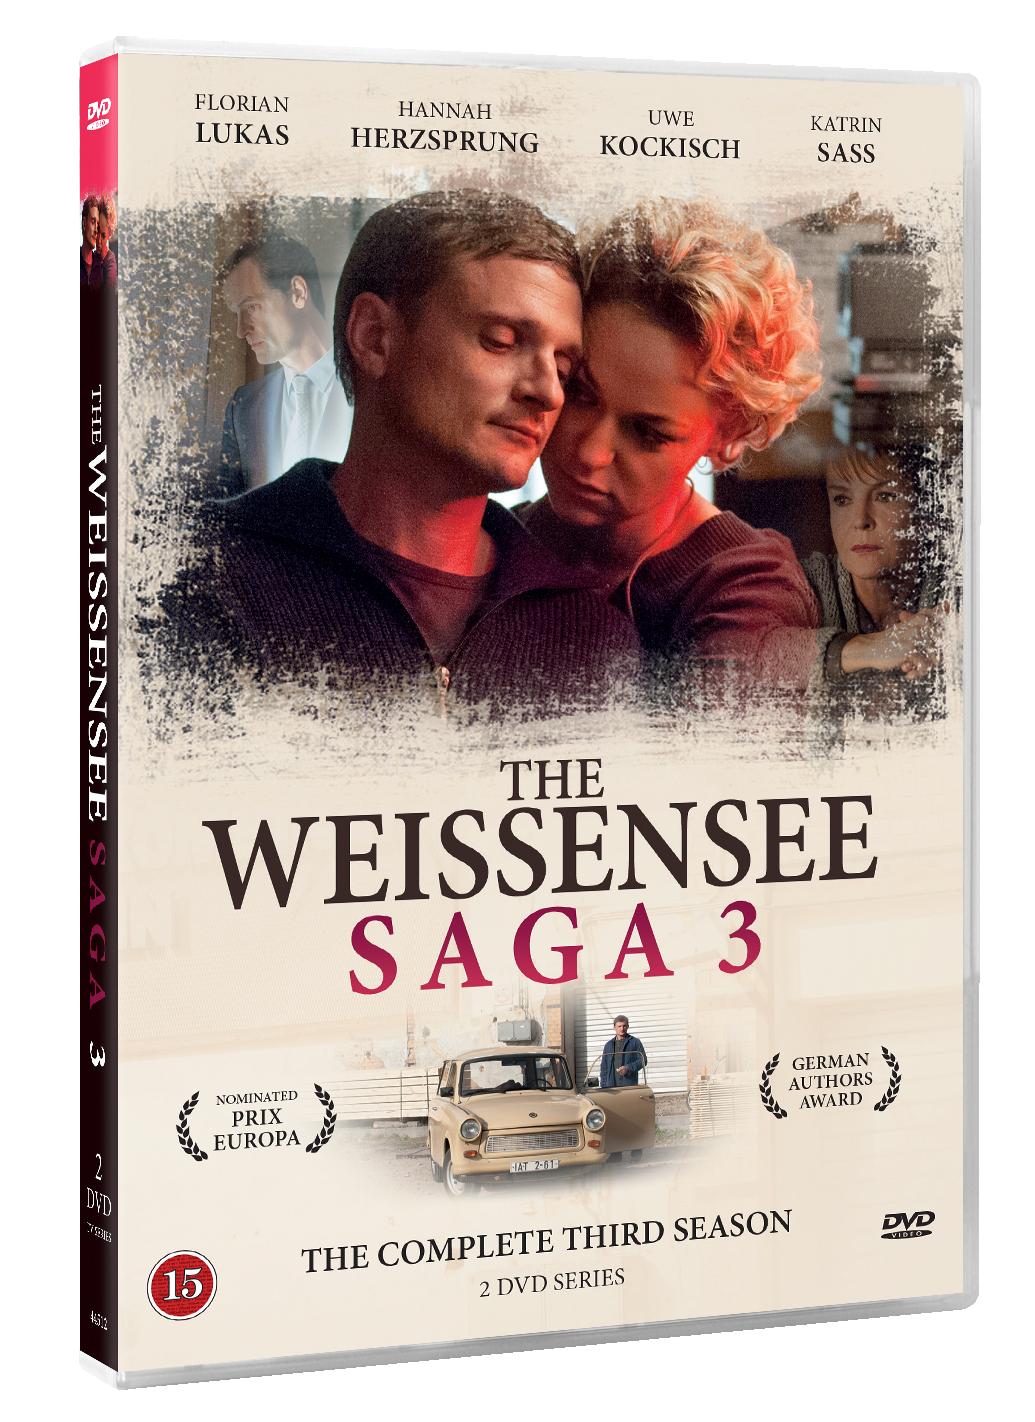 Weissensee Saga 3